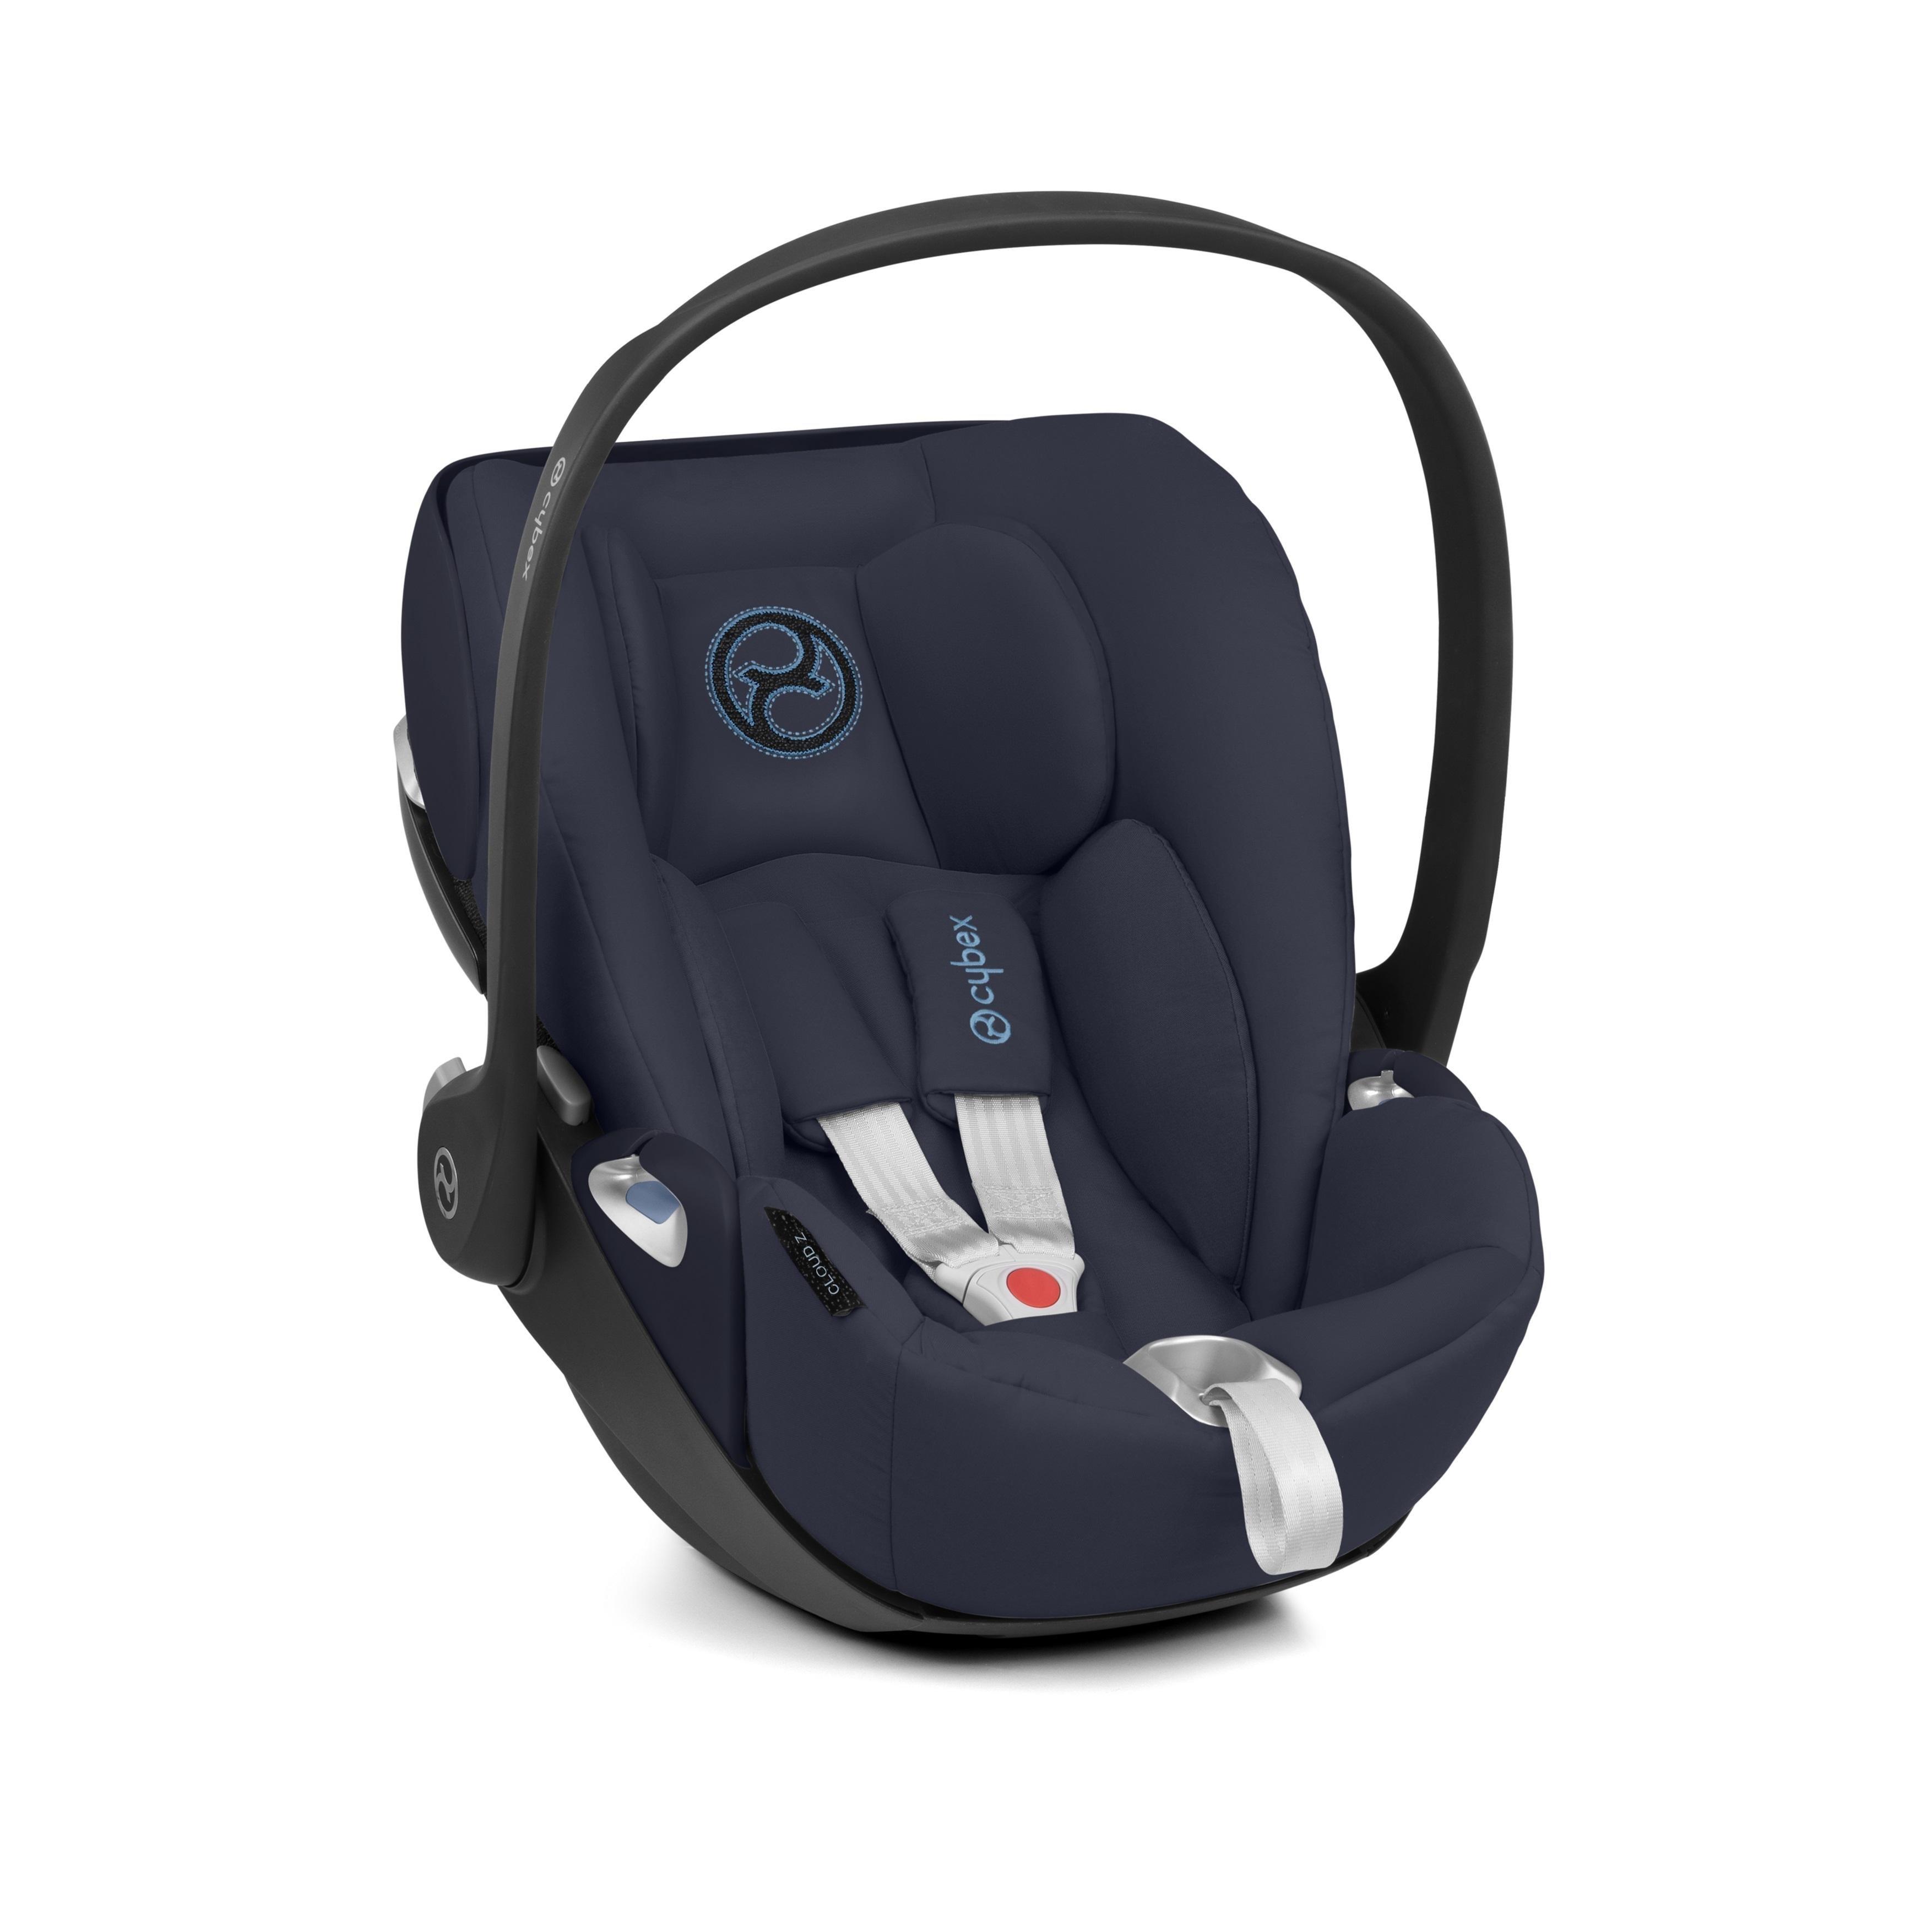 Cybex Cloud Z I-Size Nautical Blue Bērnu autosēdeklis 0-13 kg